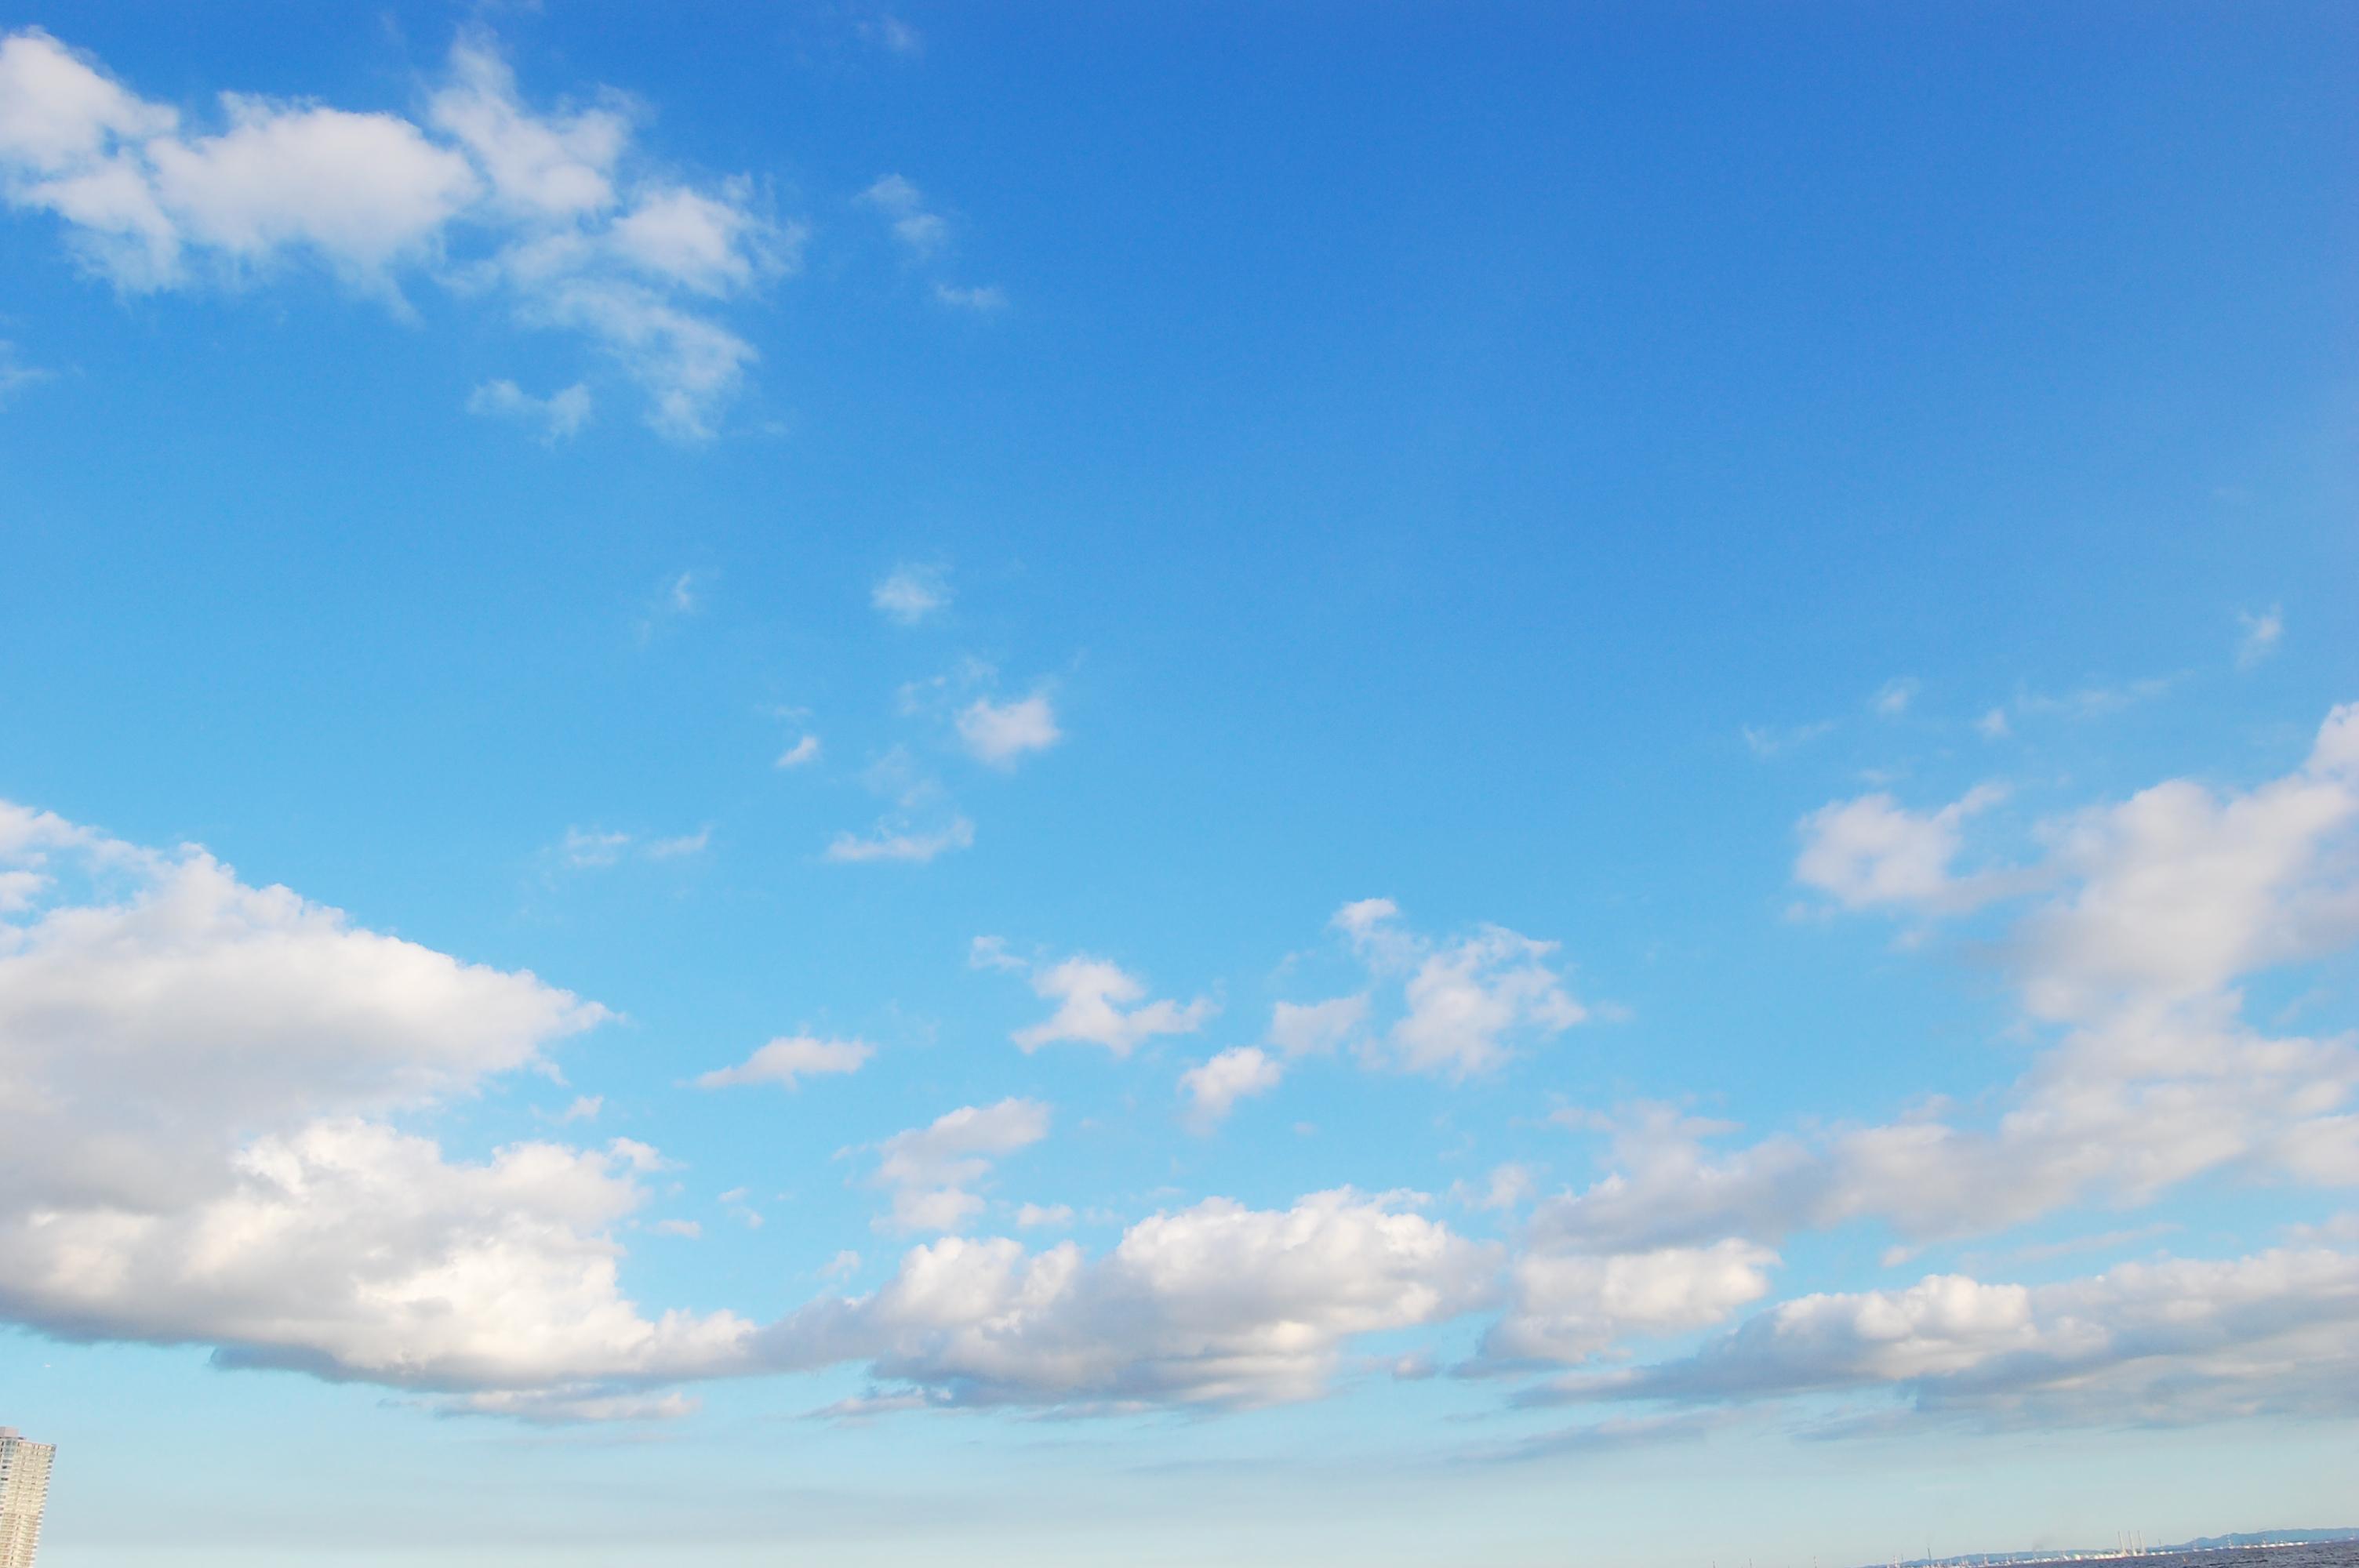 青空と雲 夏空 フリー素材ドットコム